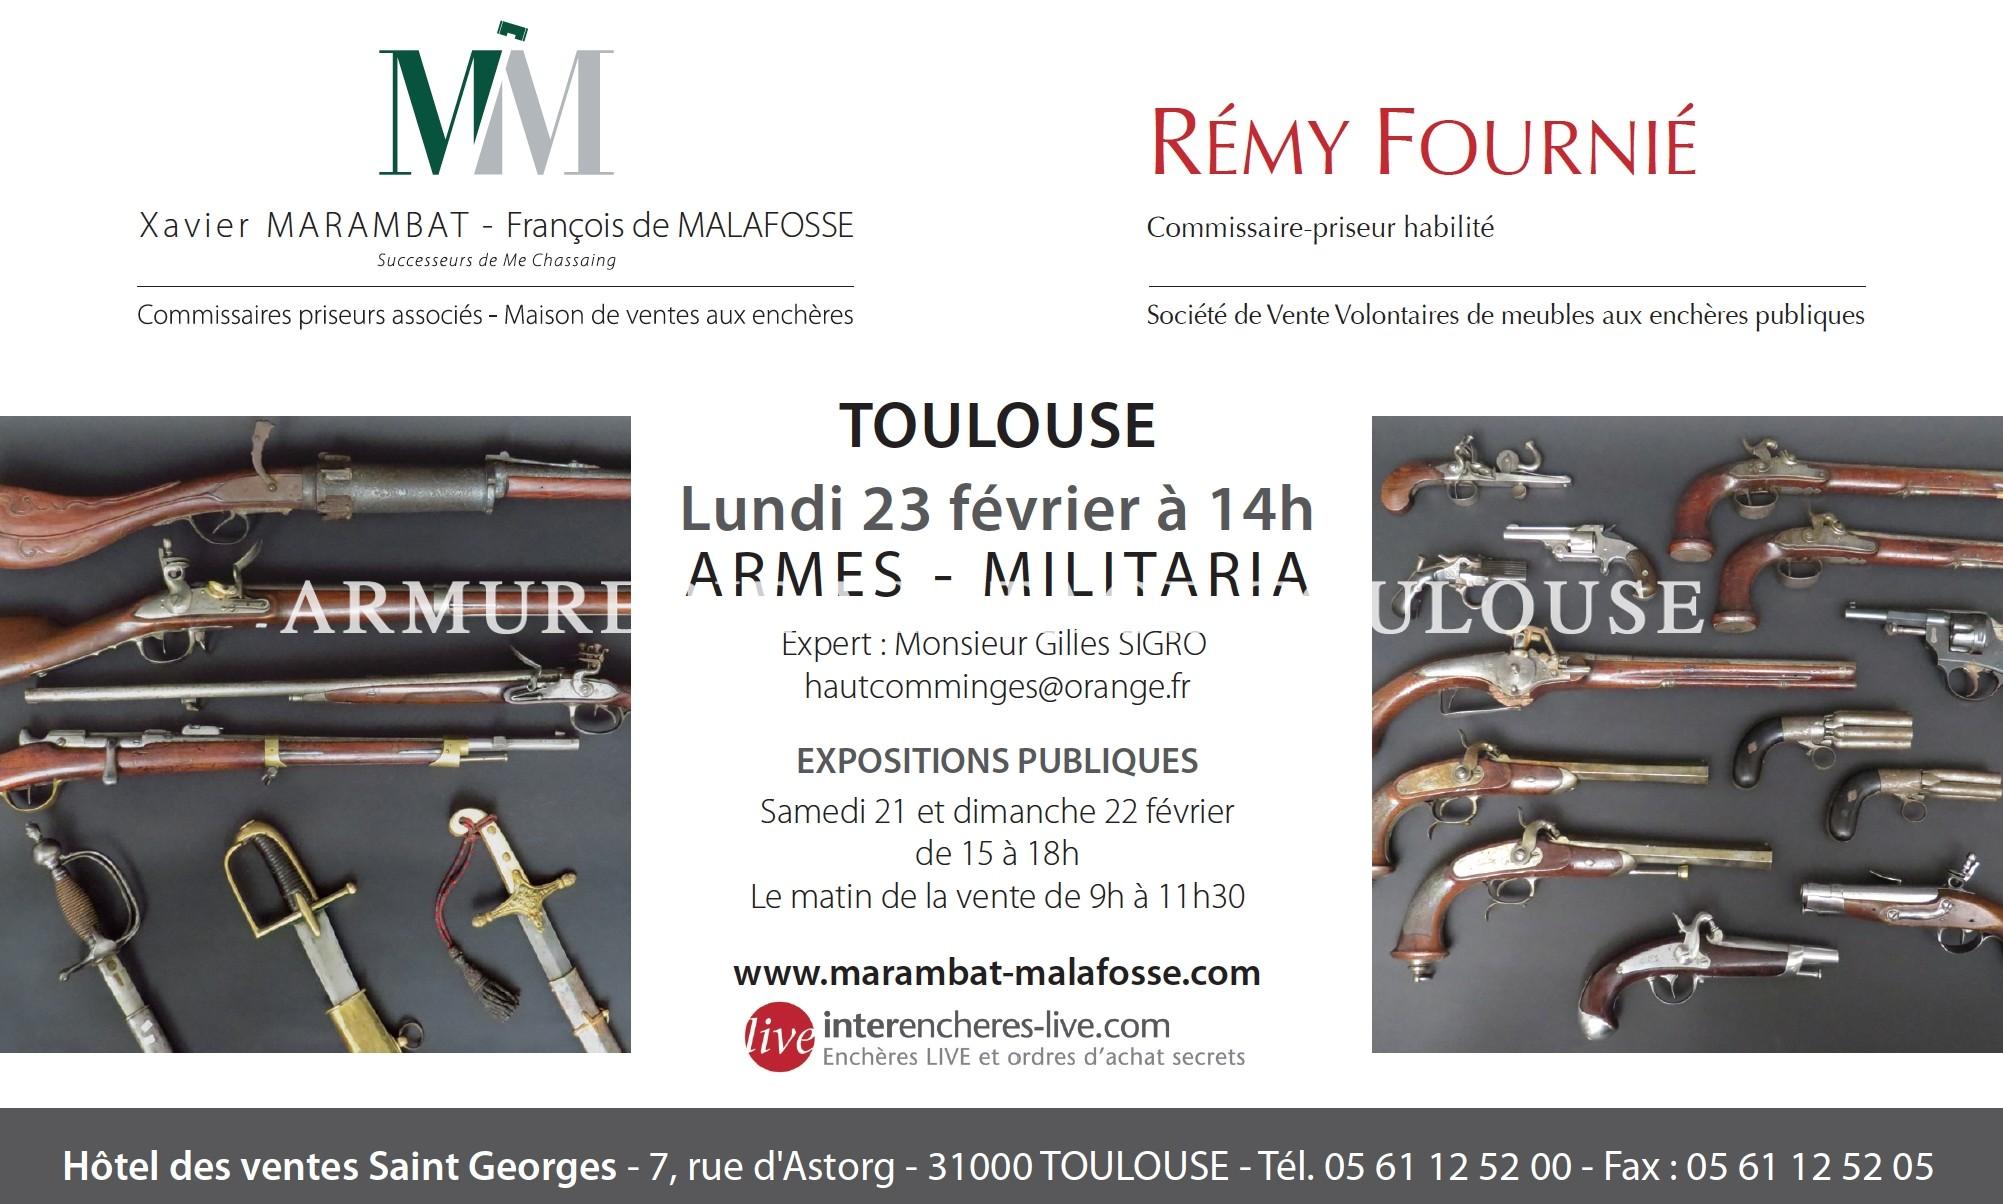 Résultat Vente aux enchères le Lundi 23 février à 14h ARMES – MILITARIA